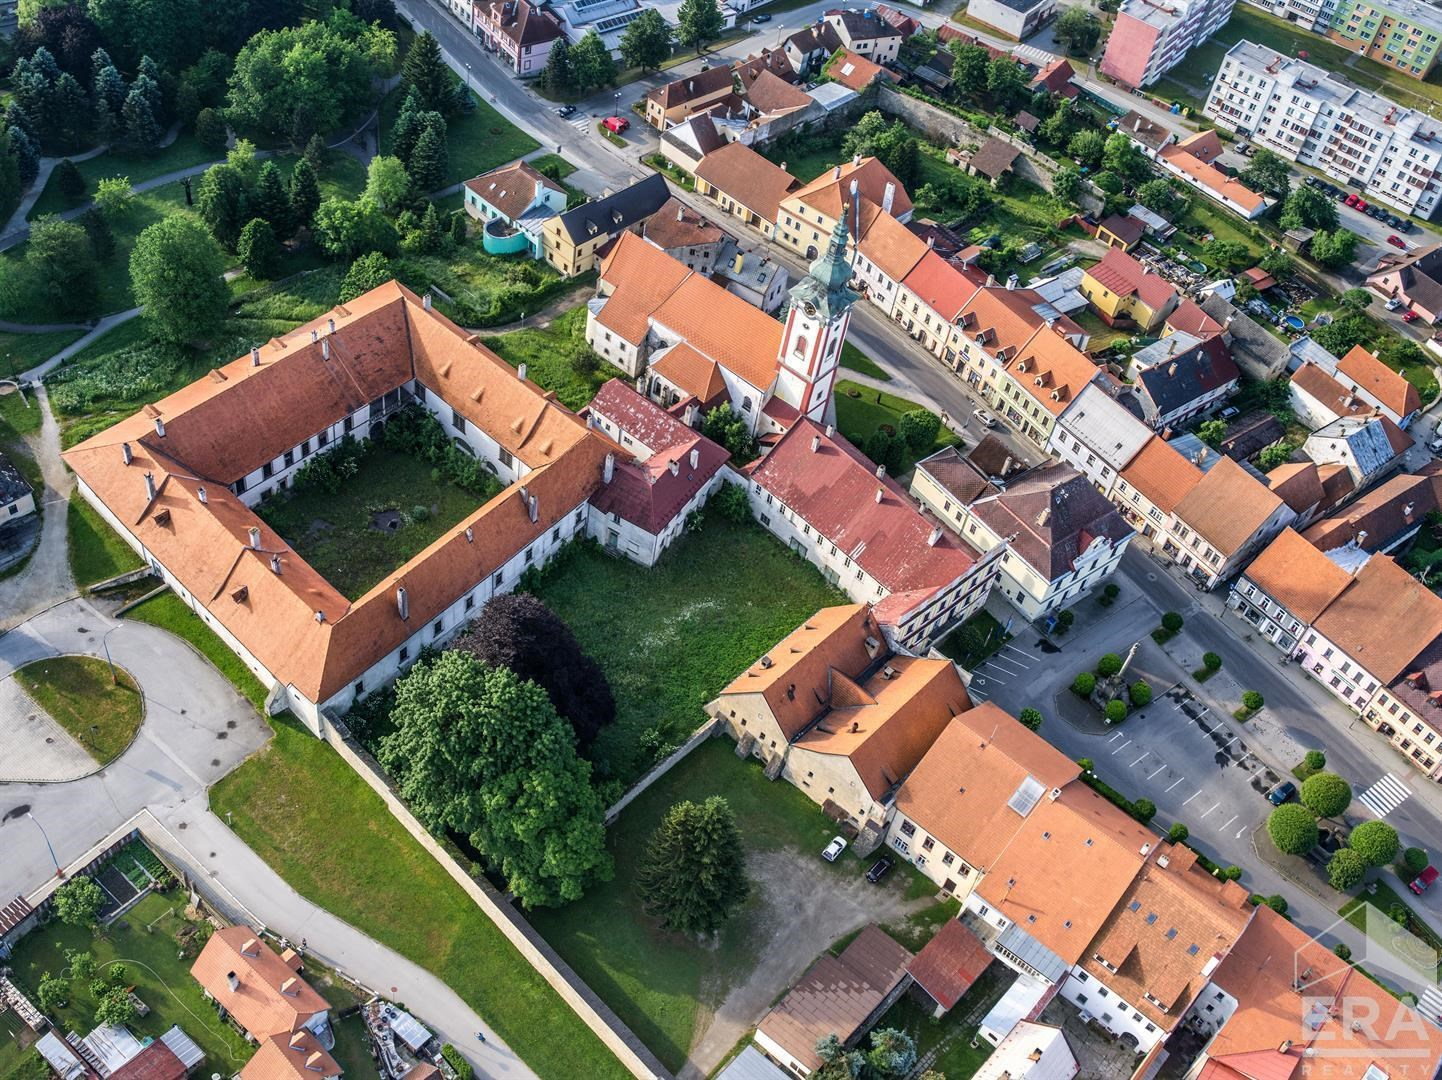 Zámecký komplex Nová Bystřice